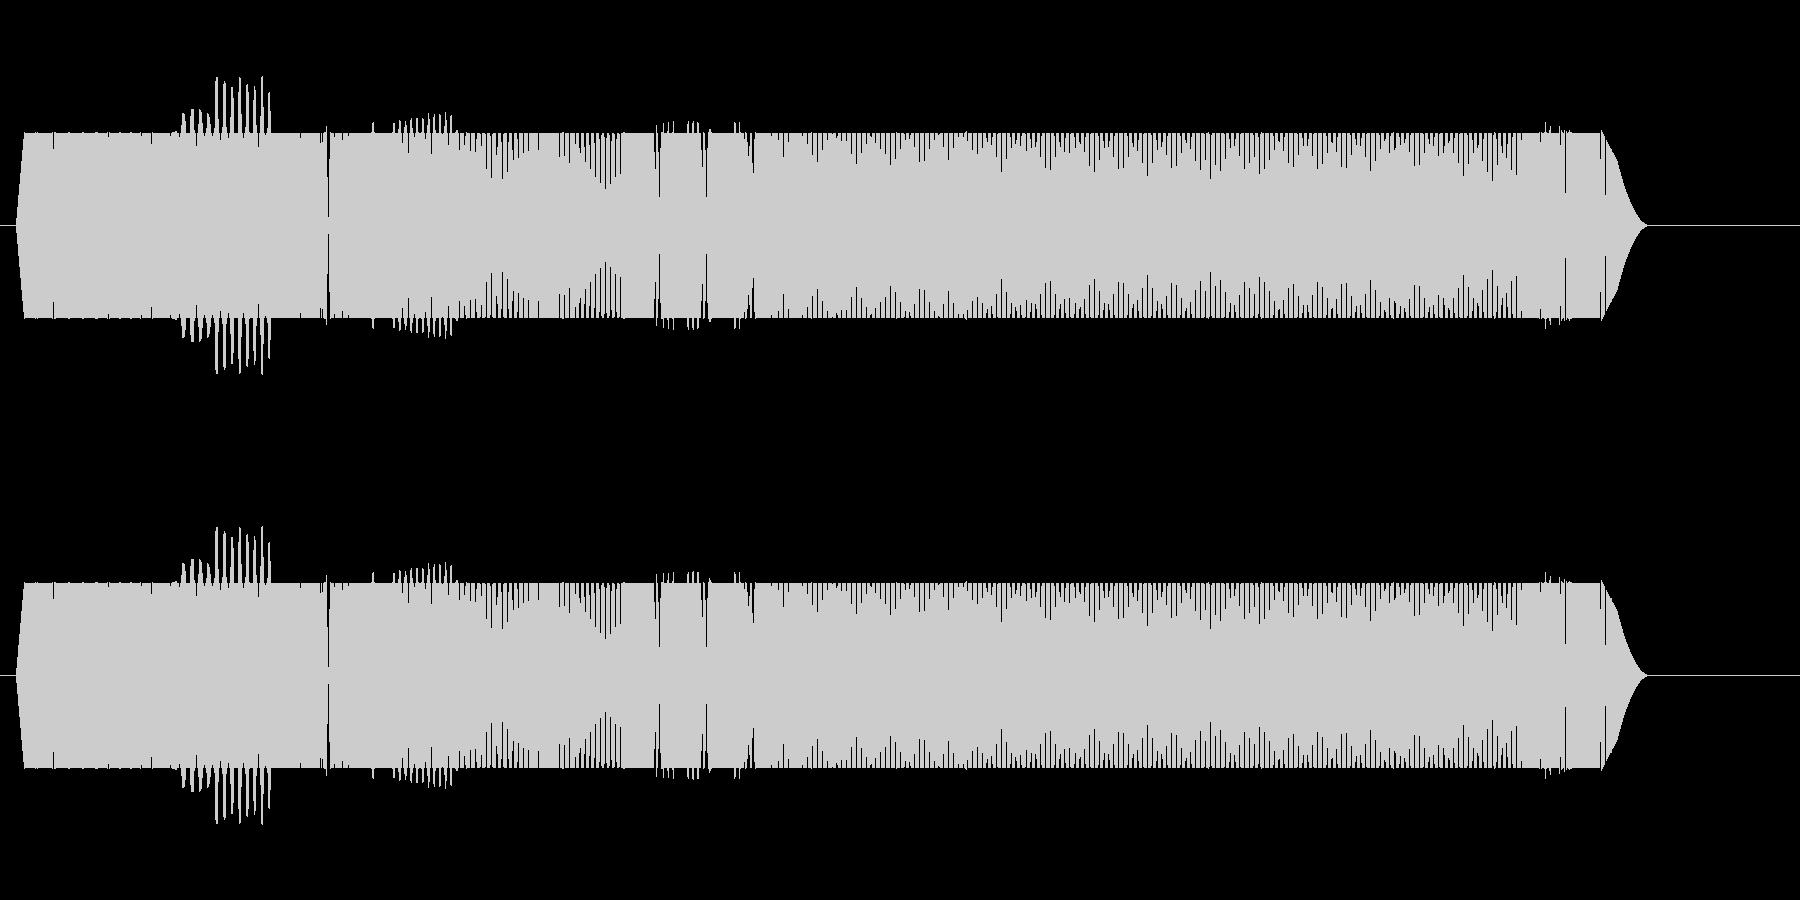 ウィーーン、と低く響く電子音の未再生の波形